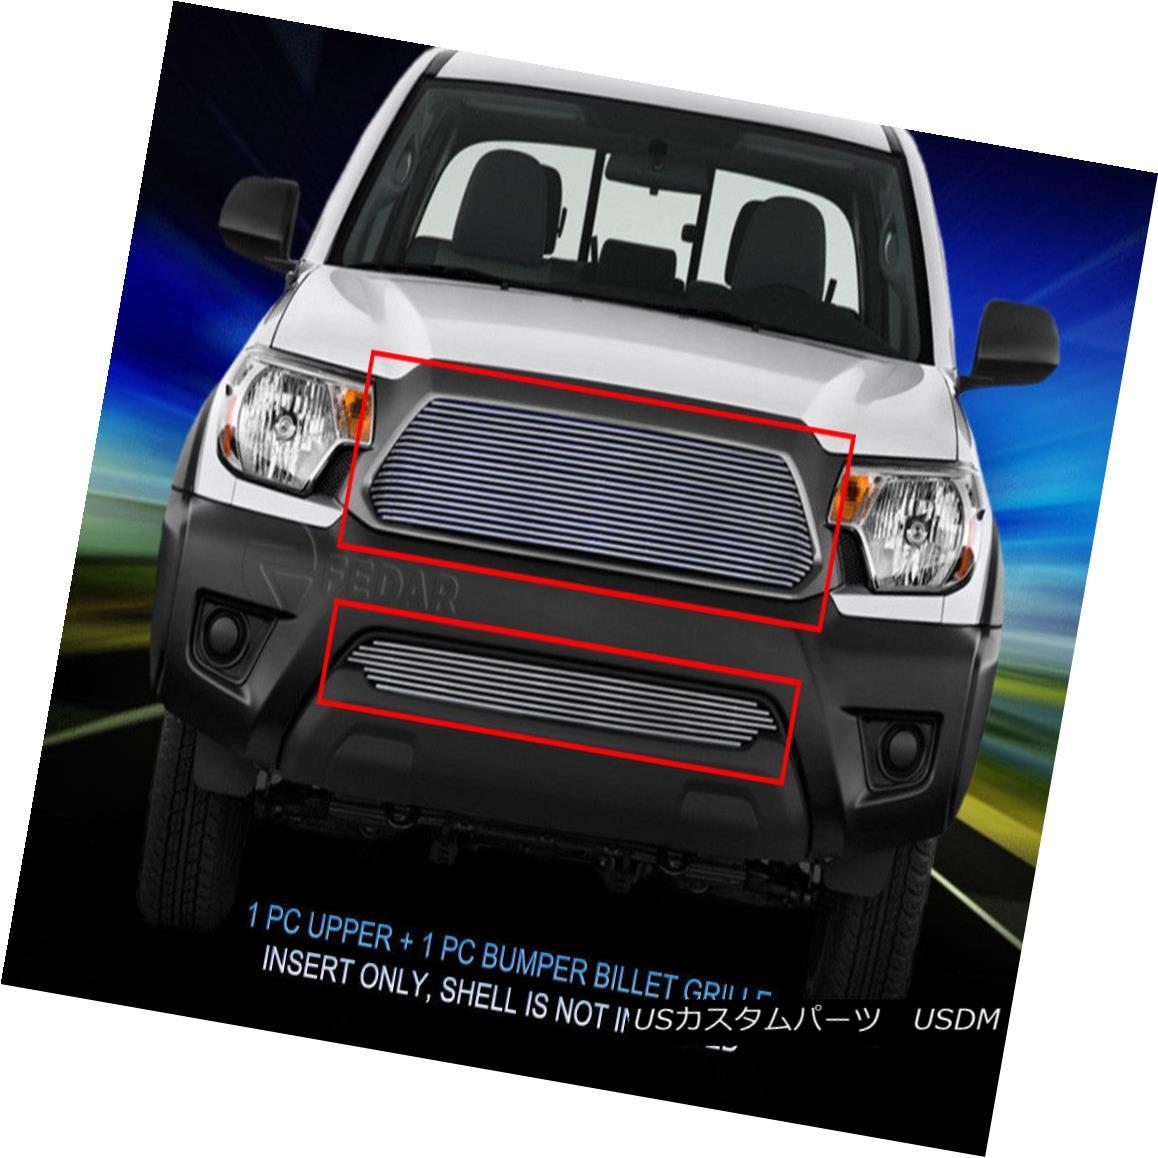 グリル Fedar Fits 2012-2015 Toyota Tacoma Polished Overlay Billet Grille Combo Fedarは2012年から2015年にToyota Tacomaを磨いたオーバーレイビレットグリルコンボ